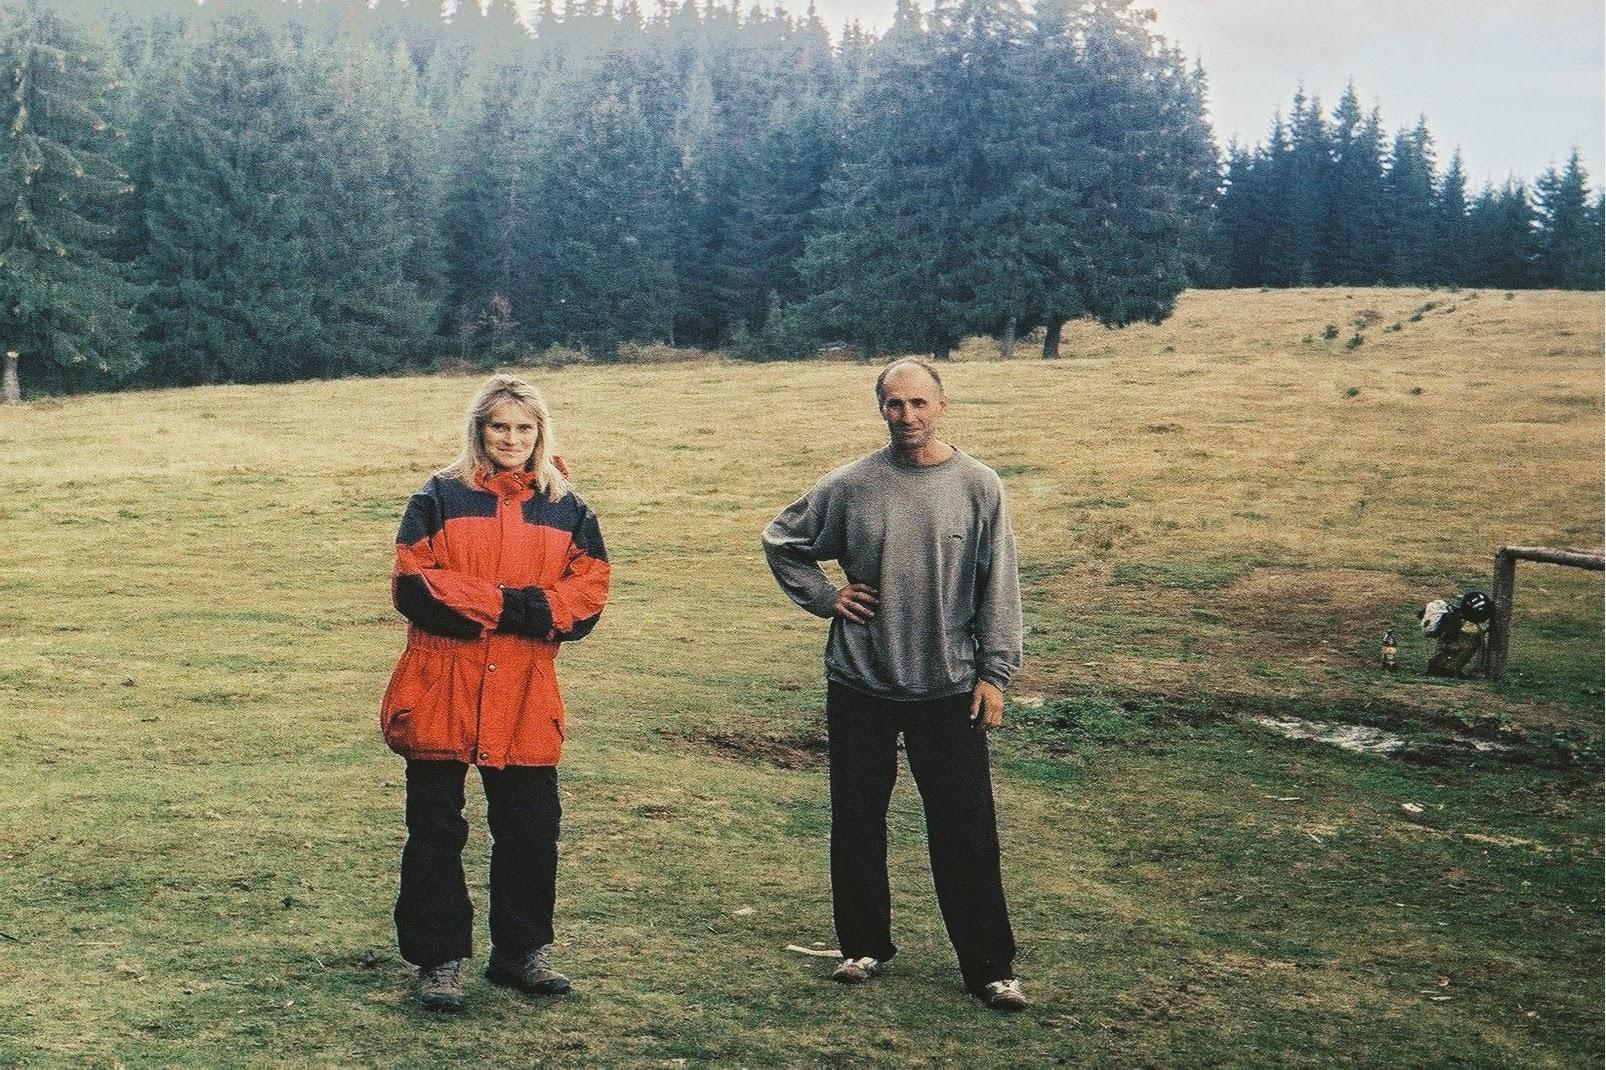 Василь(монстр, сталоне) та Наталка